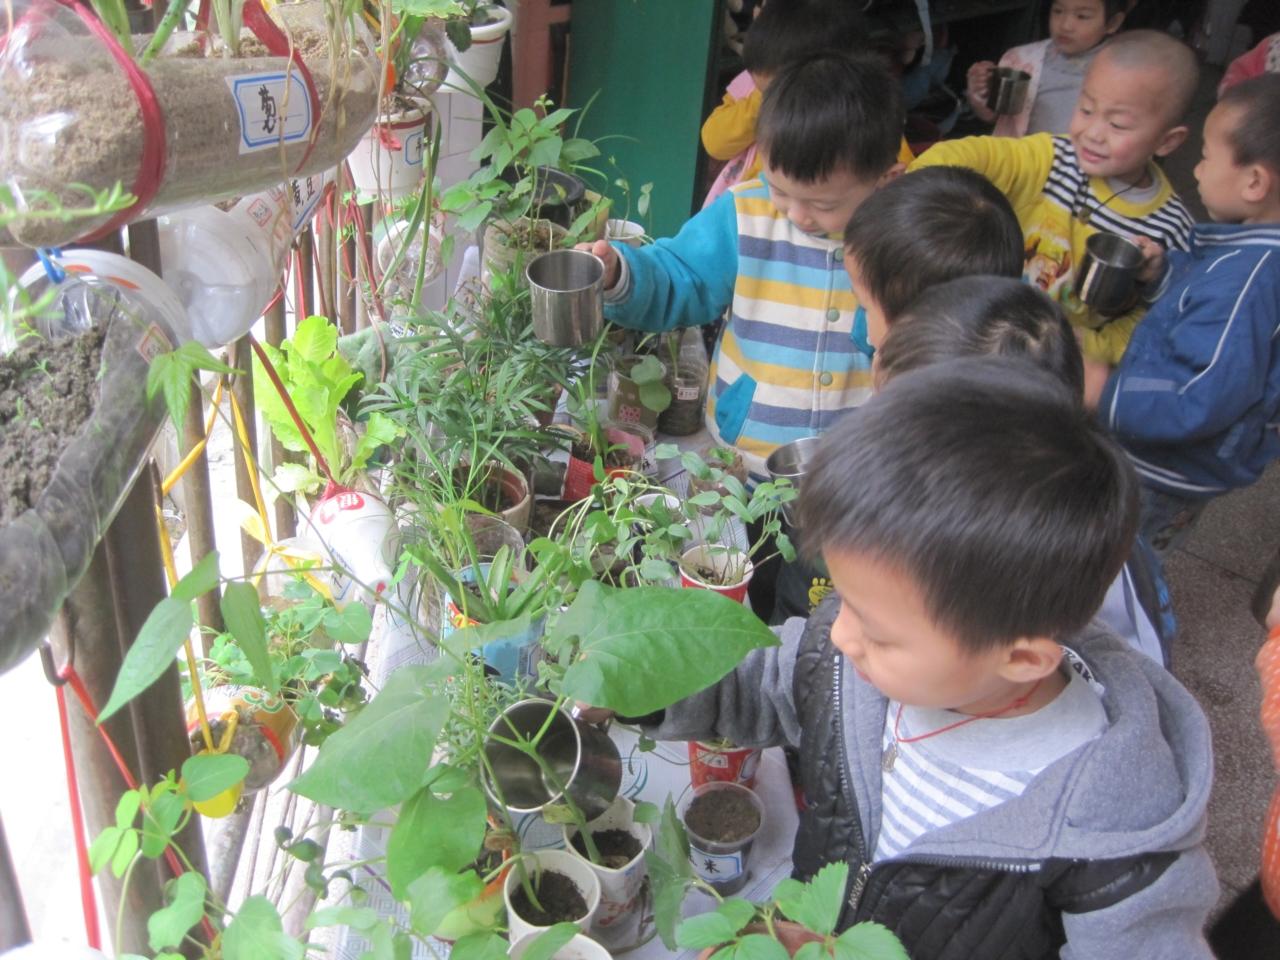 在幼儿园的日常环境布置中,植物角是不可缺少的;精心摆设的植物角对幼儿的身心发育都是很有益处的。让幼儿动手参与布置,不仅能激发幼儿兴趣,培养动手能力,更重要的是增进对环境的认识,懂得保护环境,萌发创造美好环境的意识。   对小班的孩子,我们主要布置一些容易辨认的、在日常生活中常见到的瓜果蔬菜;可以让幼儿了解植物的生长过程,逐步学会观察,了解阳光、水在植物生长过程中的作用;学会护理植物,如定时给植物浇水等等。